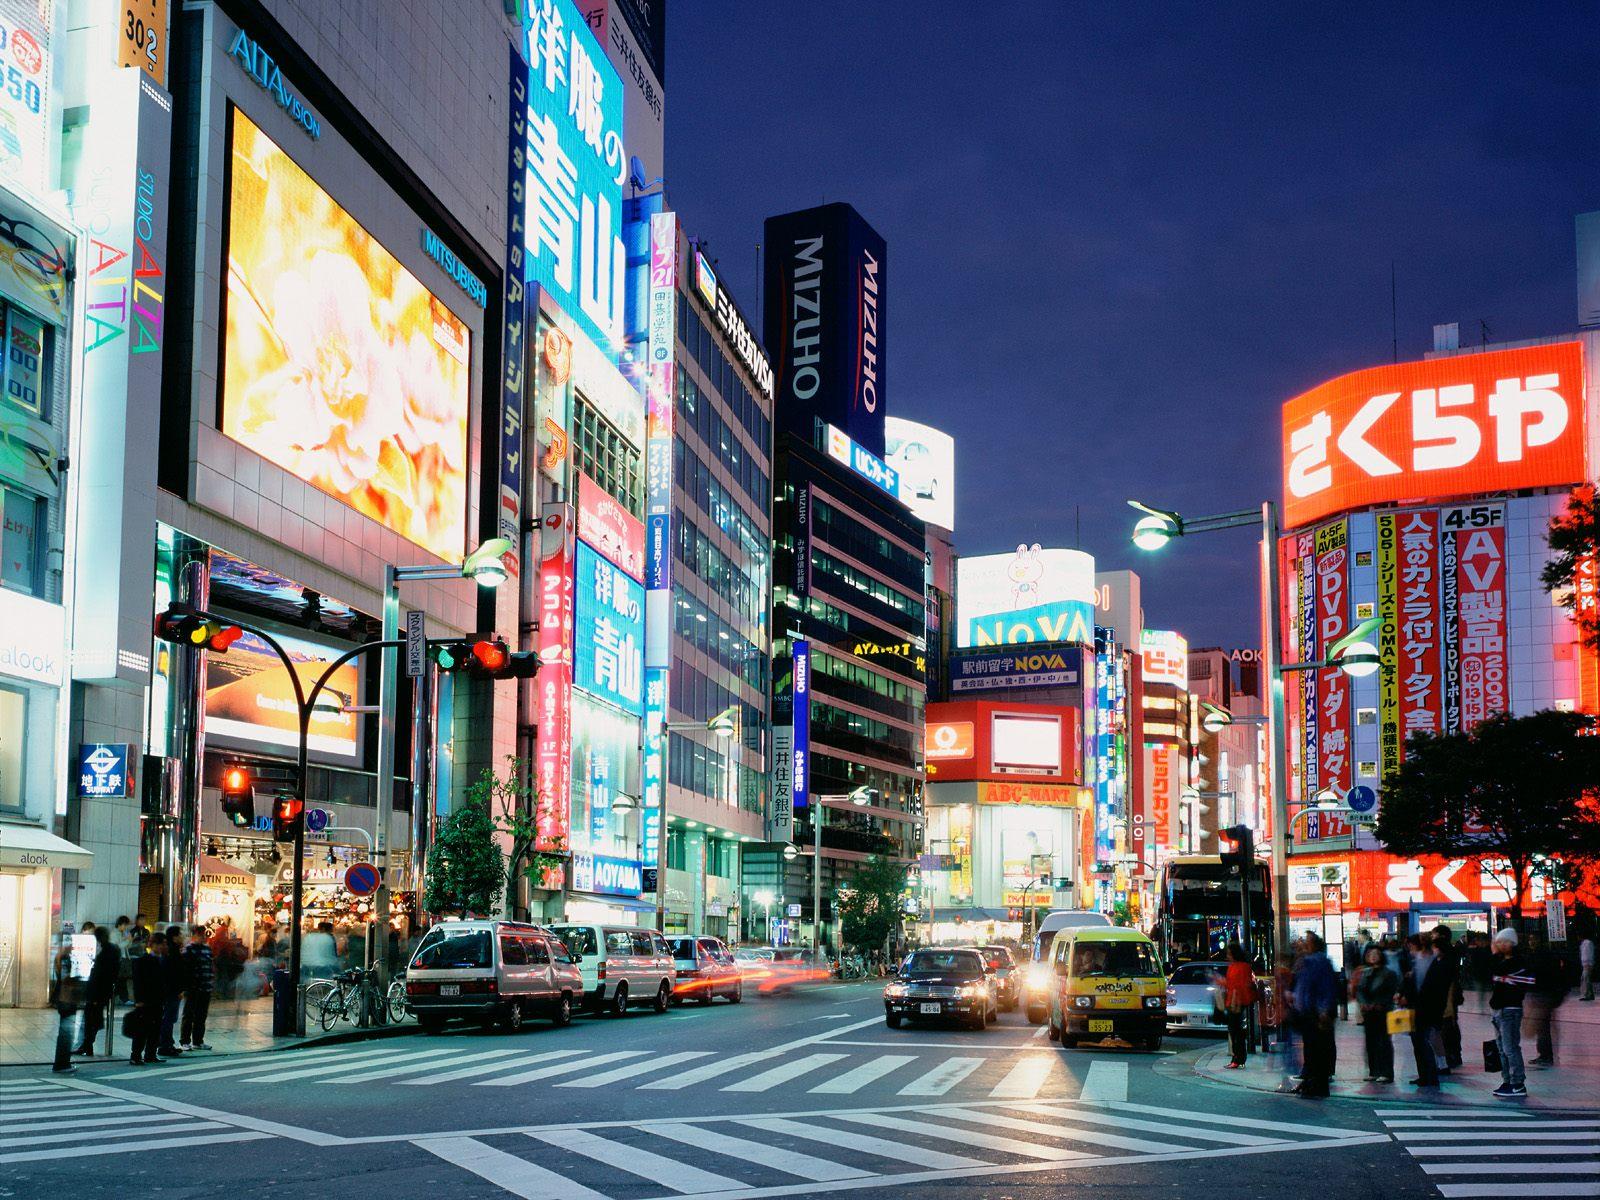 http://1.bp.blogspot.com/-5X__cu8w_eQ/T9fuMVW48cI/AAAAAAAAFng/vG188W065xM/s1600/East_Shinjuku_Tokyo_Japan.jpg